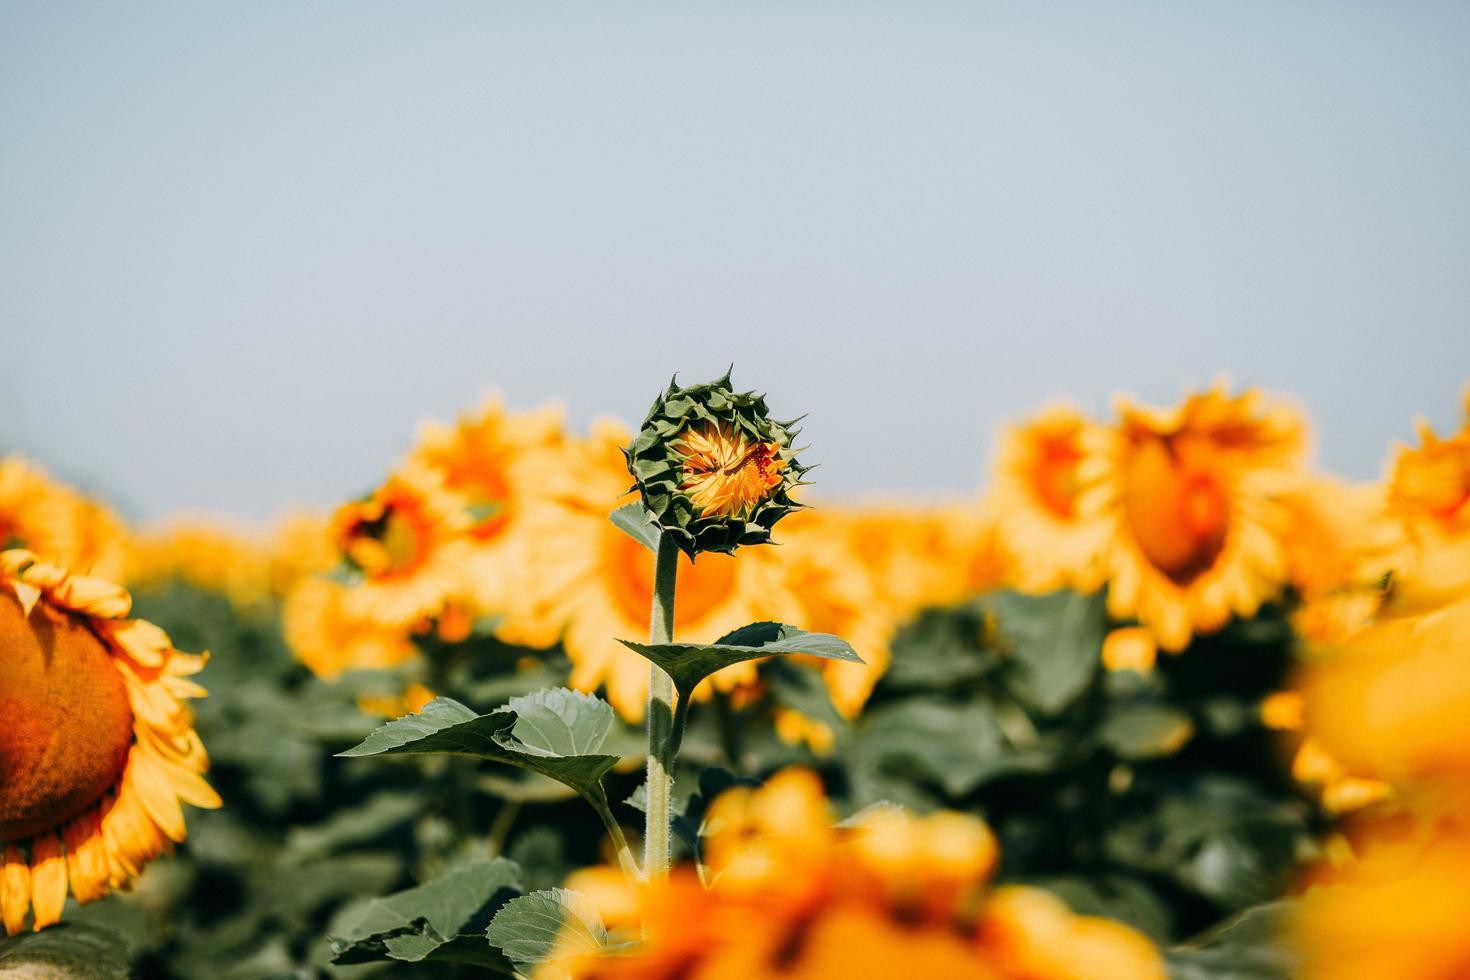 le tournesol commence à fleurir photo